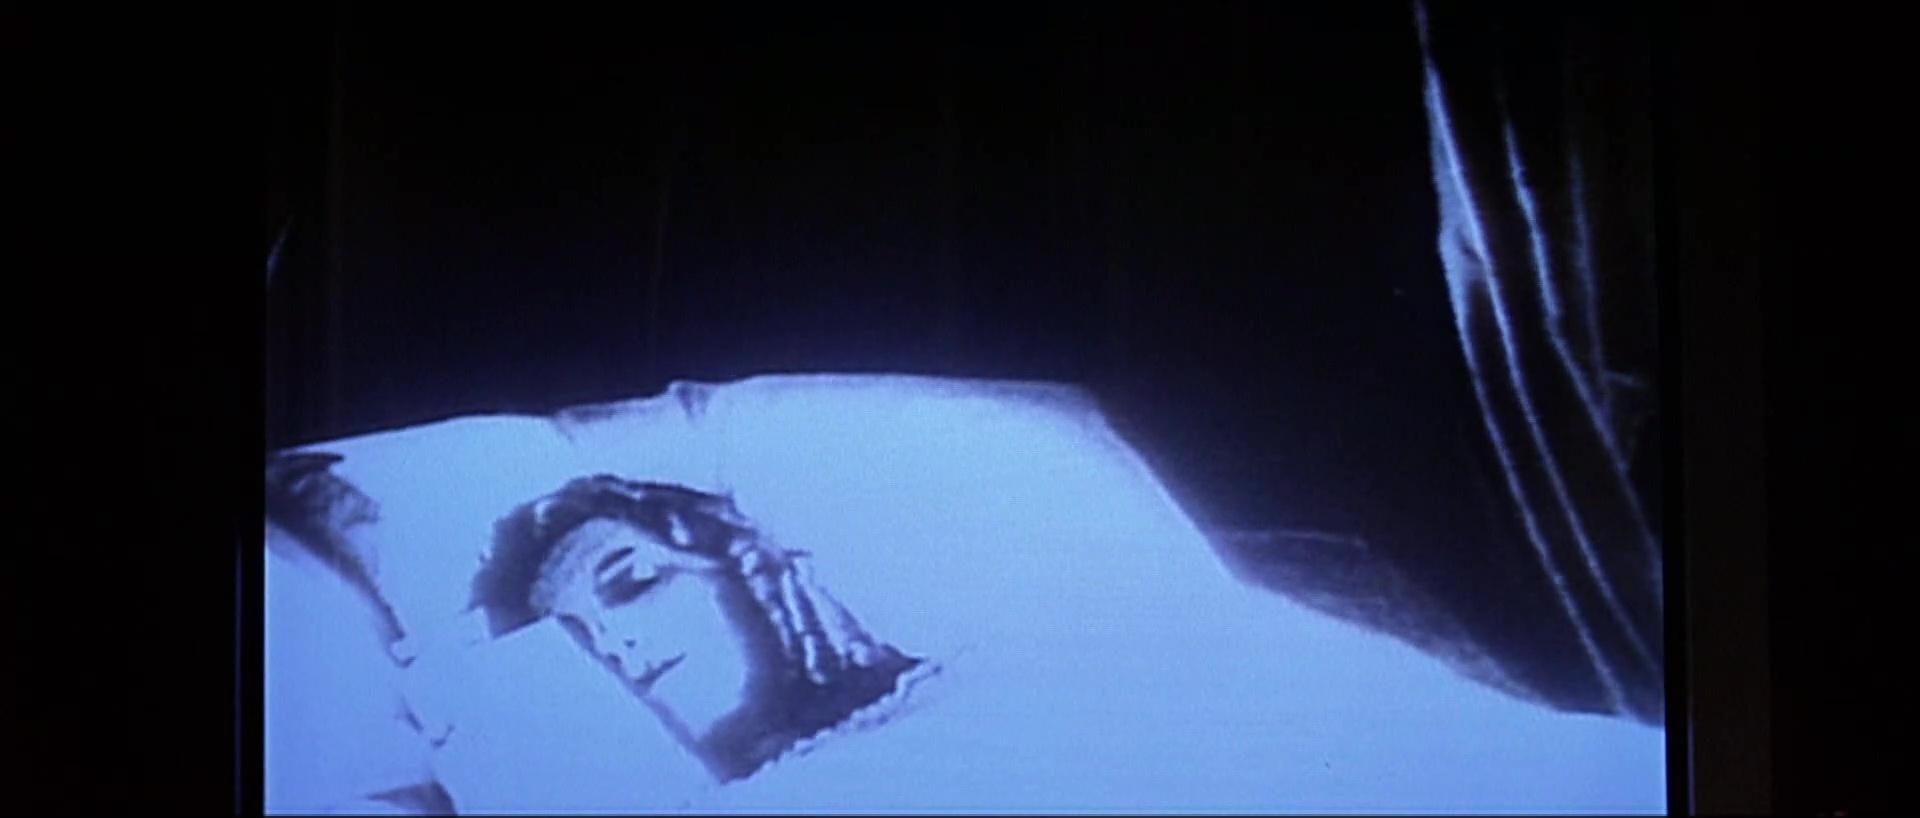 Scream 2 film still 4